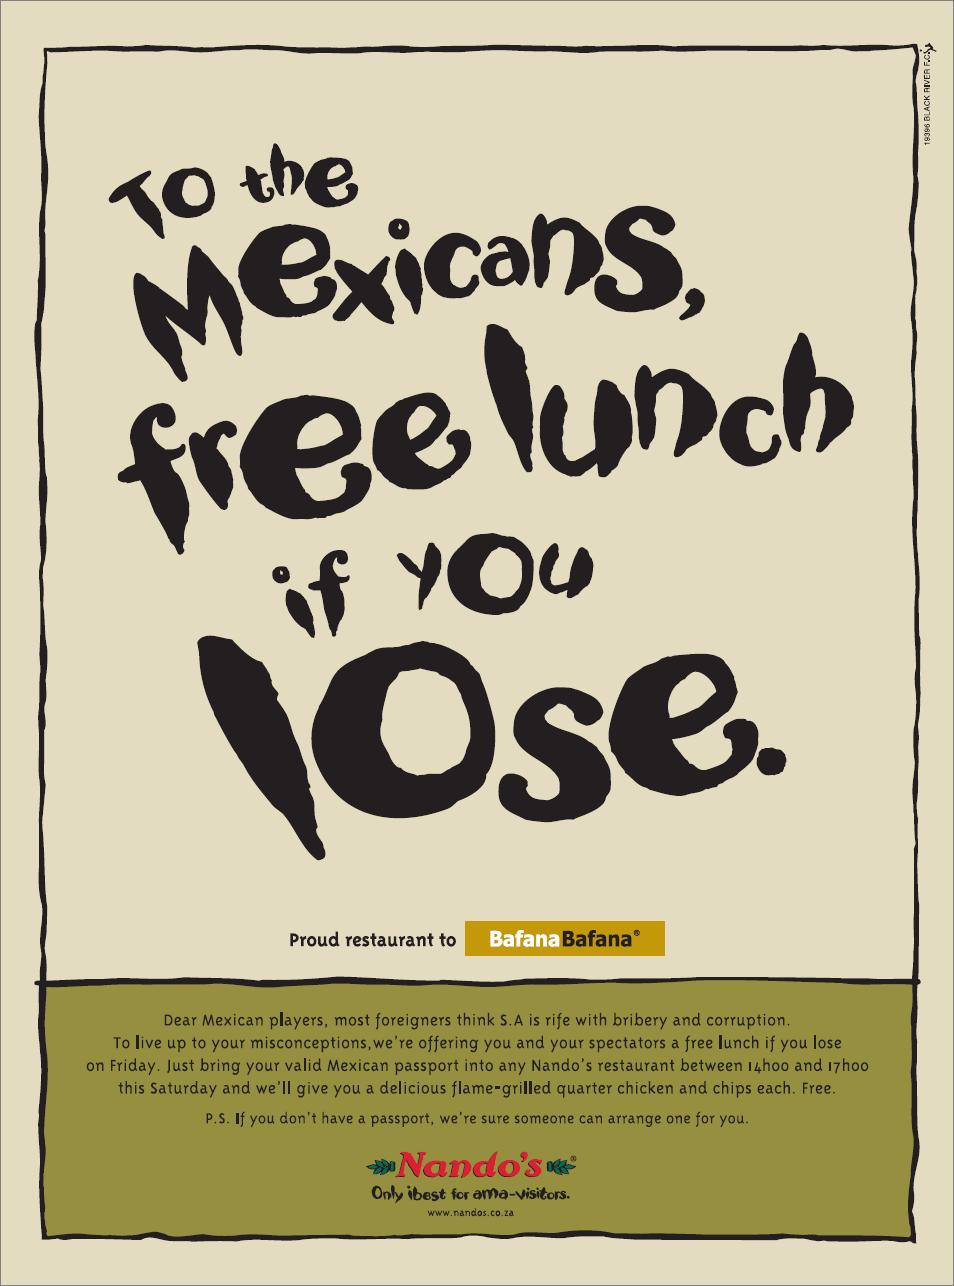 Nando's Mexicans